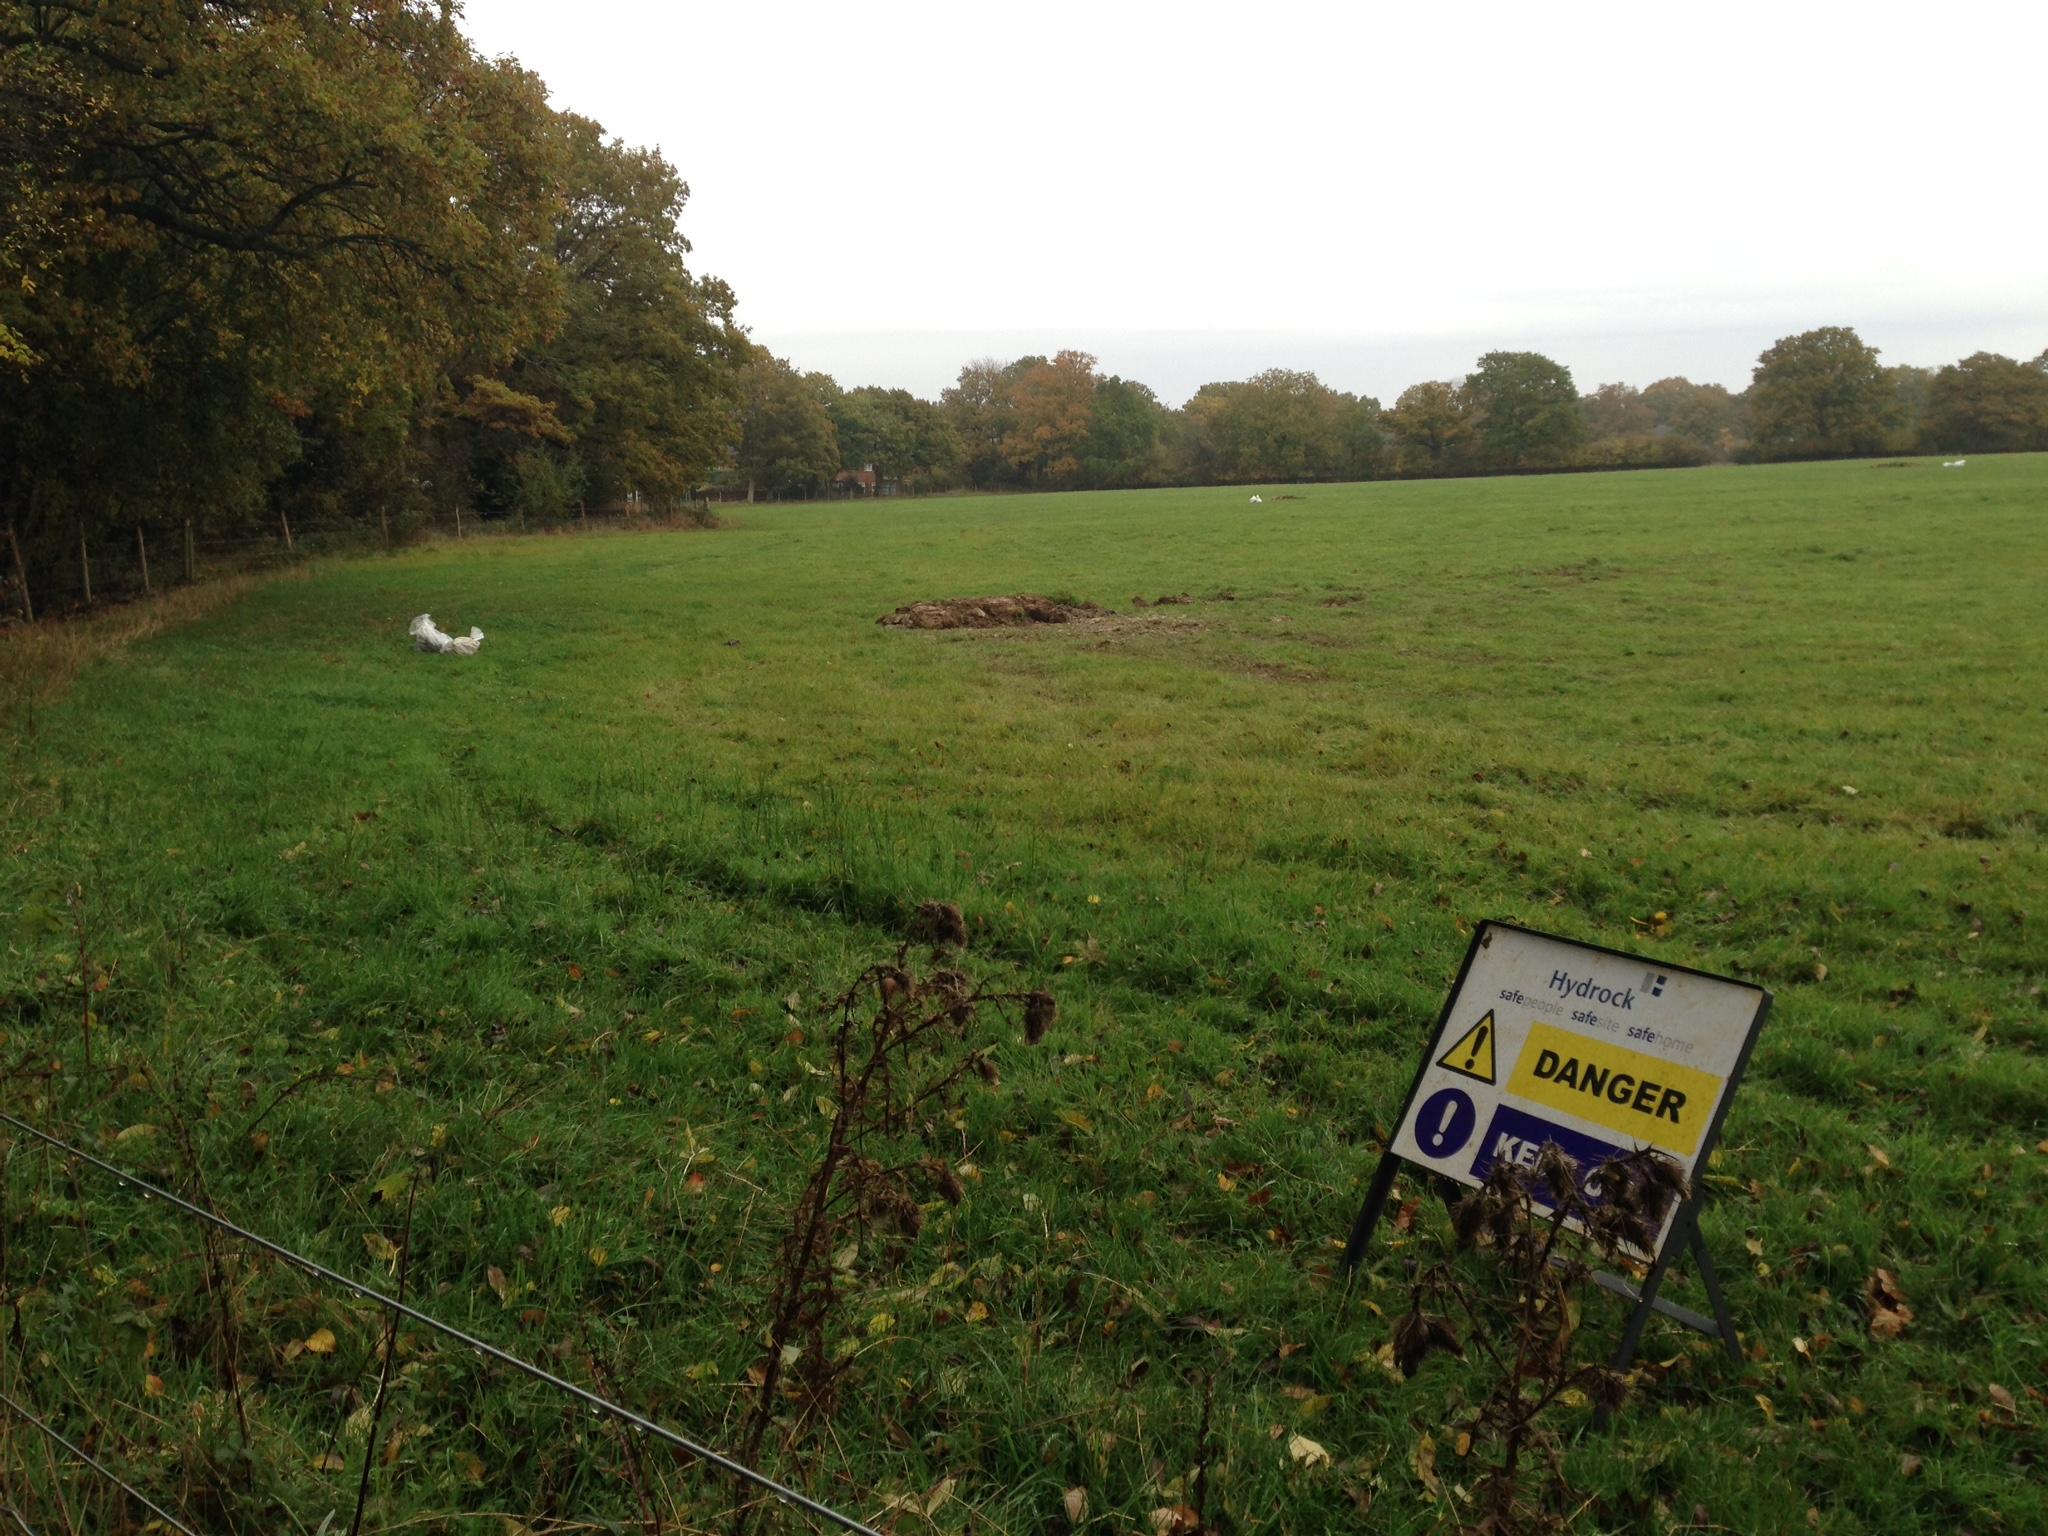 Crest Nicholson Site Horsham Road 28-10-15